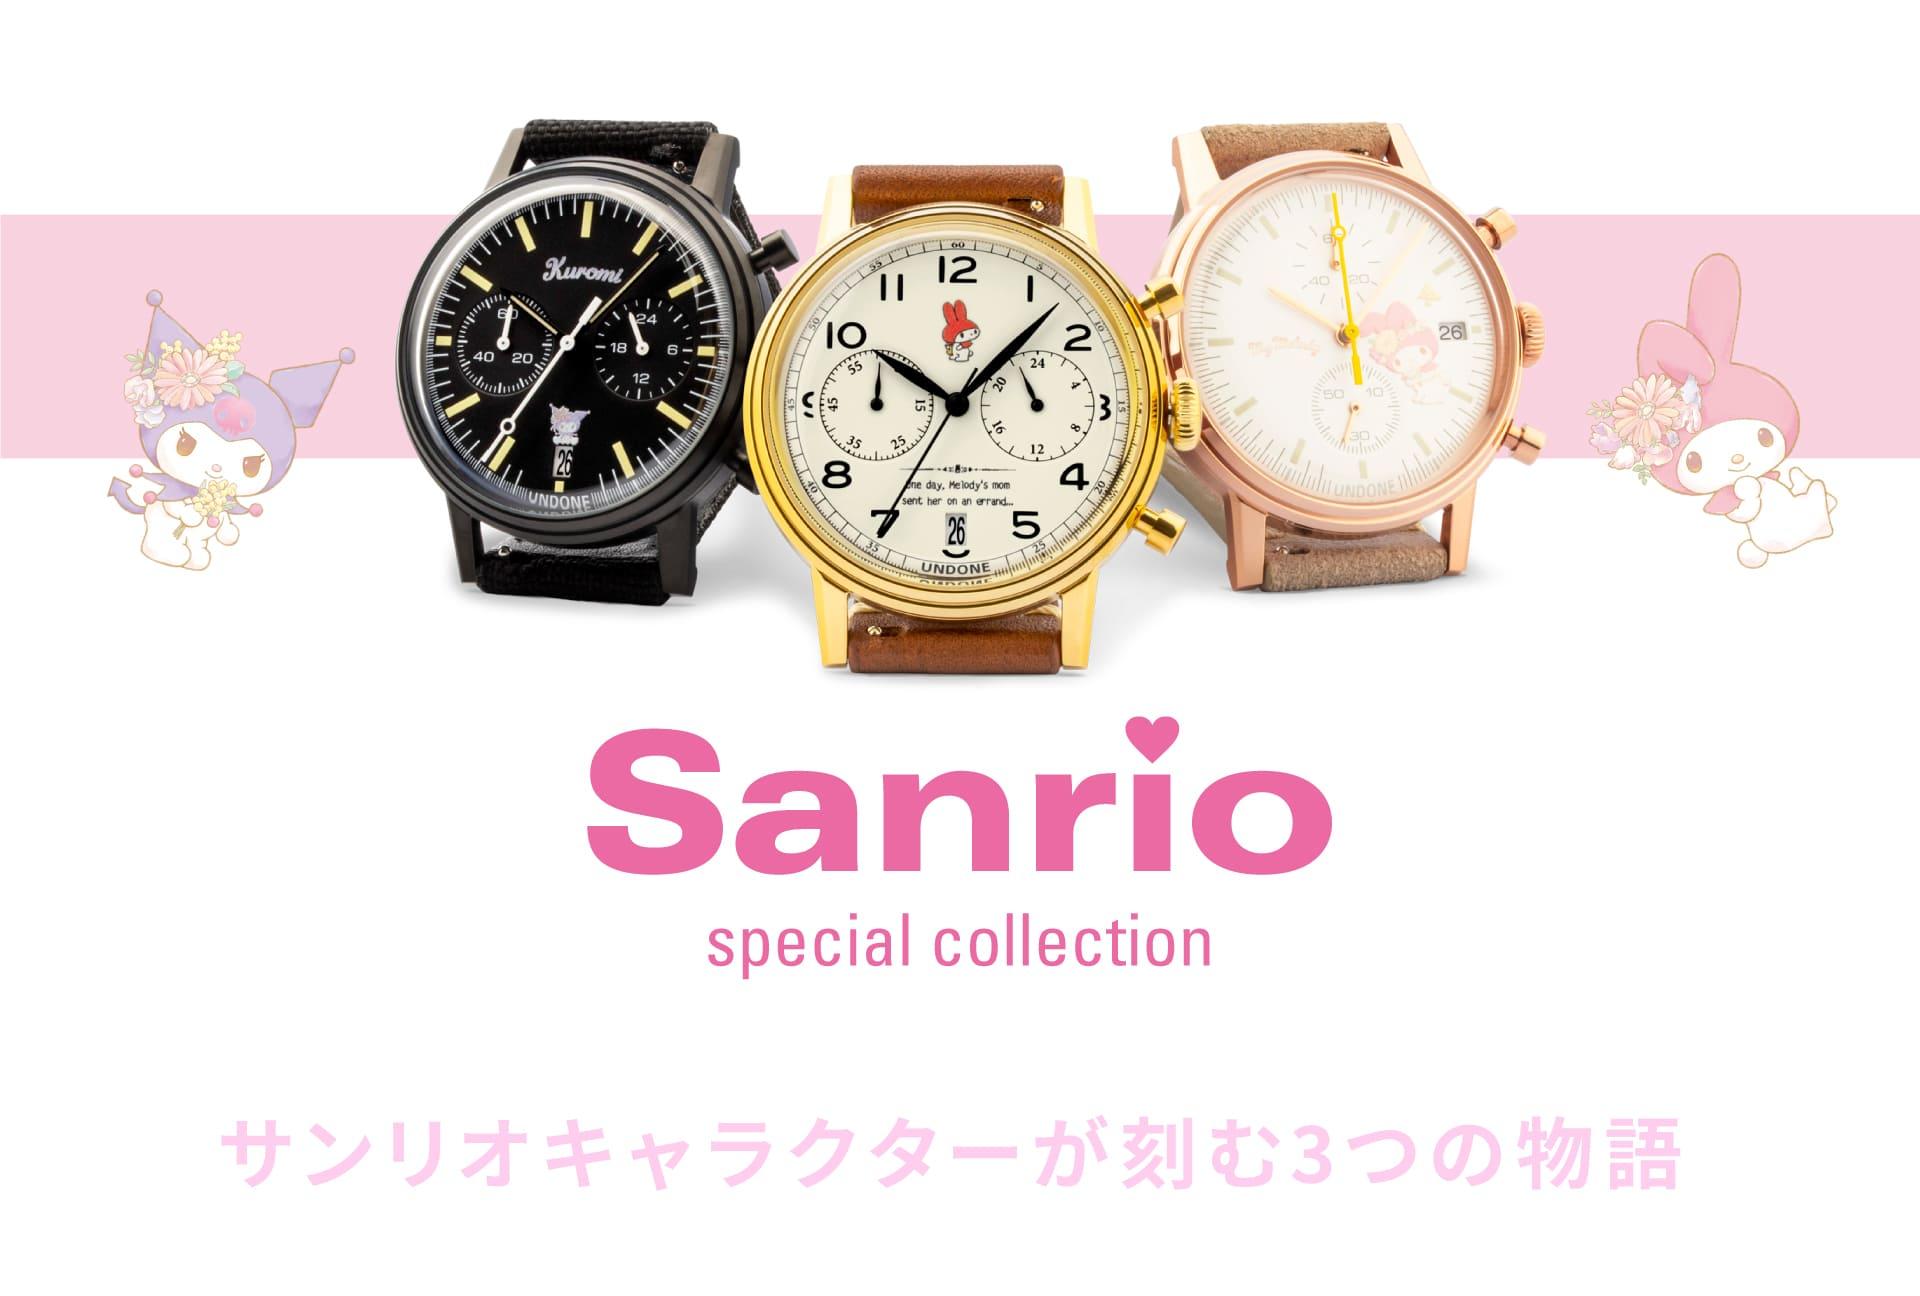 サンリオ アンダーン コラボ腕時計 sanrio UNDONE watch